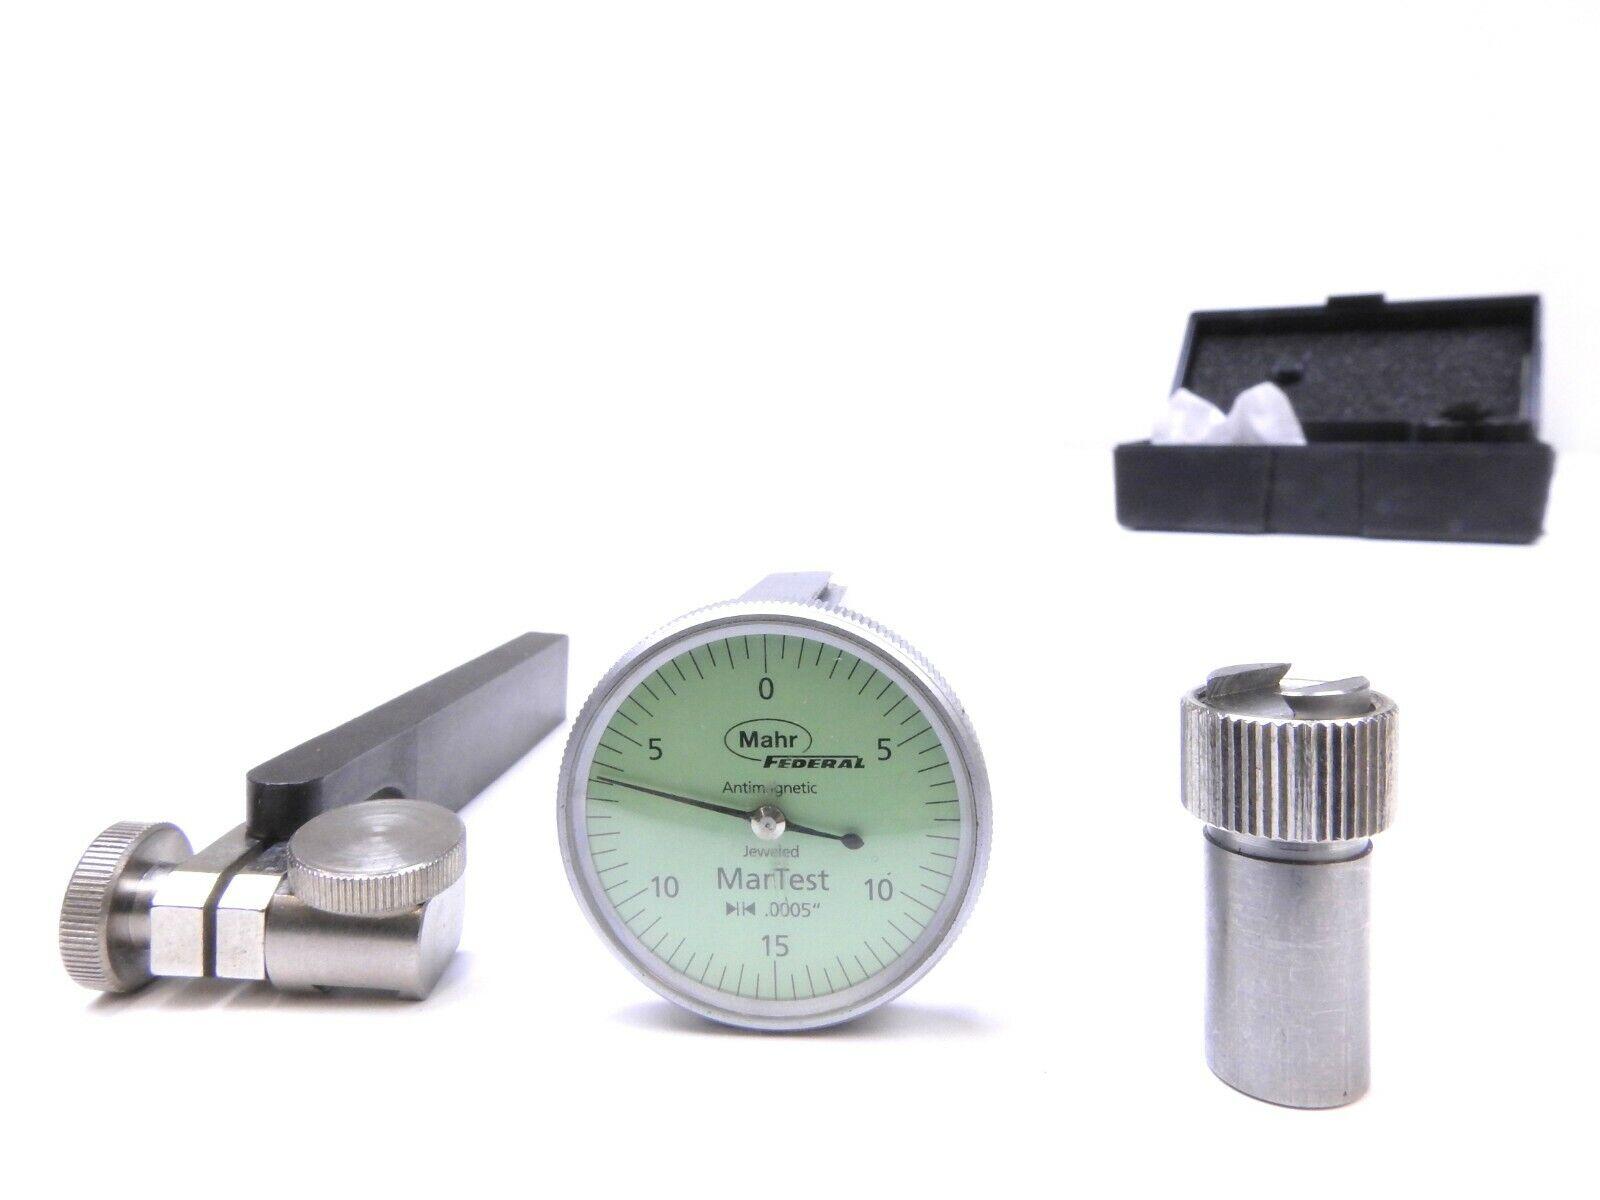 Mahr Martest 801V 0-15-0 Vertical Dial Test Indicator Kit